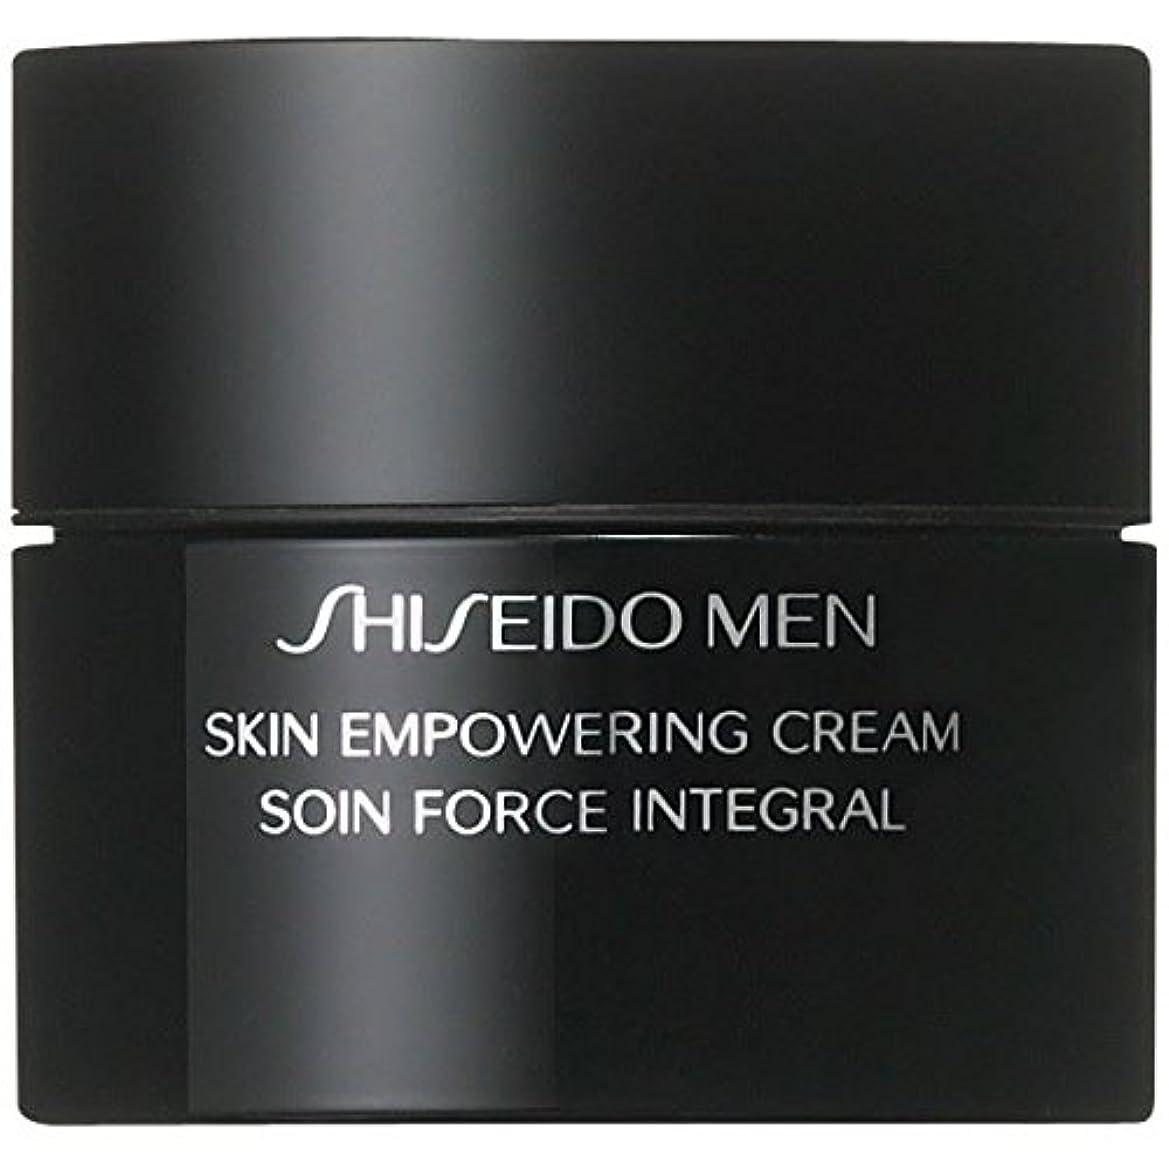 クール説教フランクワースリー[Shiseido ] クリーム50ミリリットルを力づける資生堂の男性用スキン - Shiseido Men Skin Empowering Cream 50ml [並行輸入品]